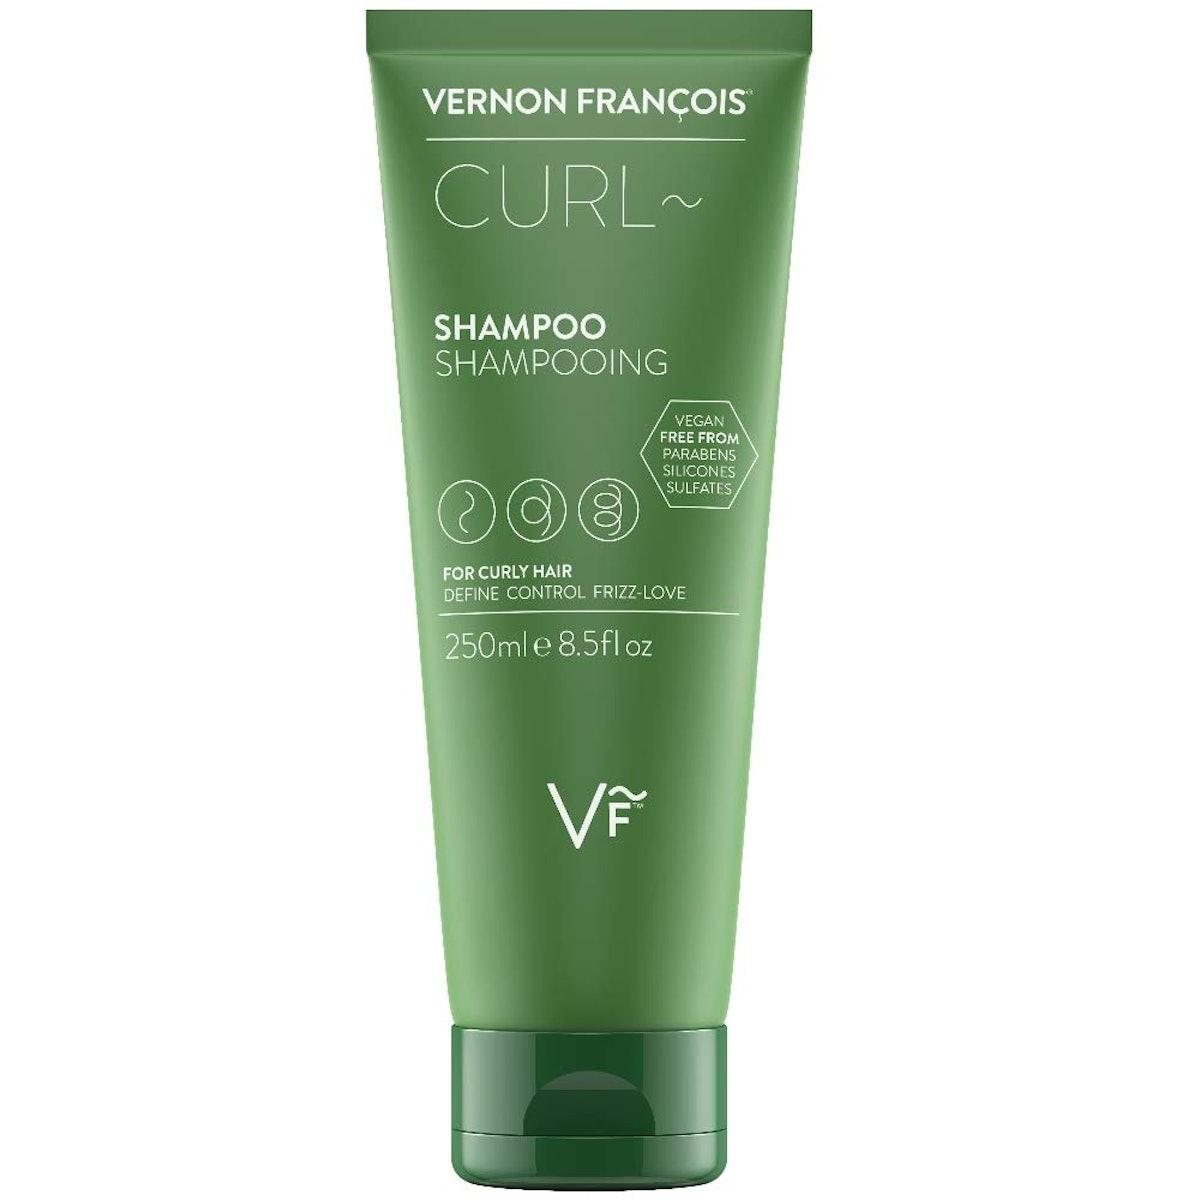 VERNON FRANÇOIS Shampoo For Curly Hair